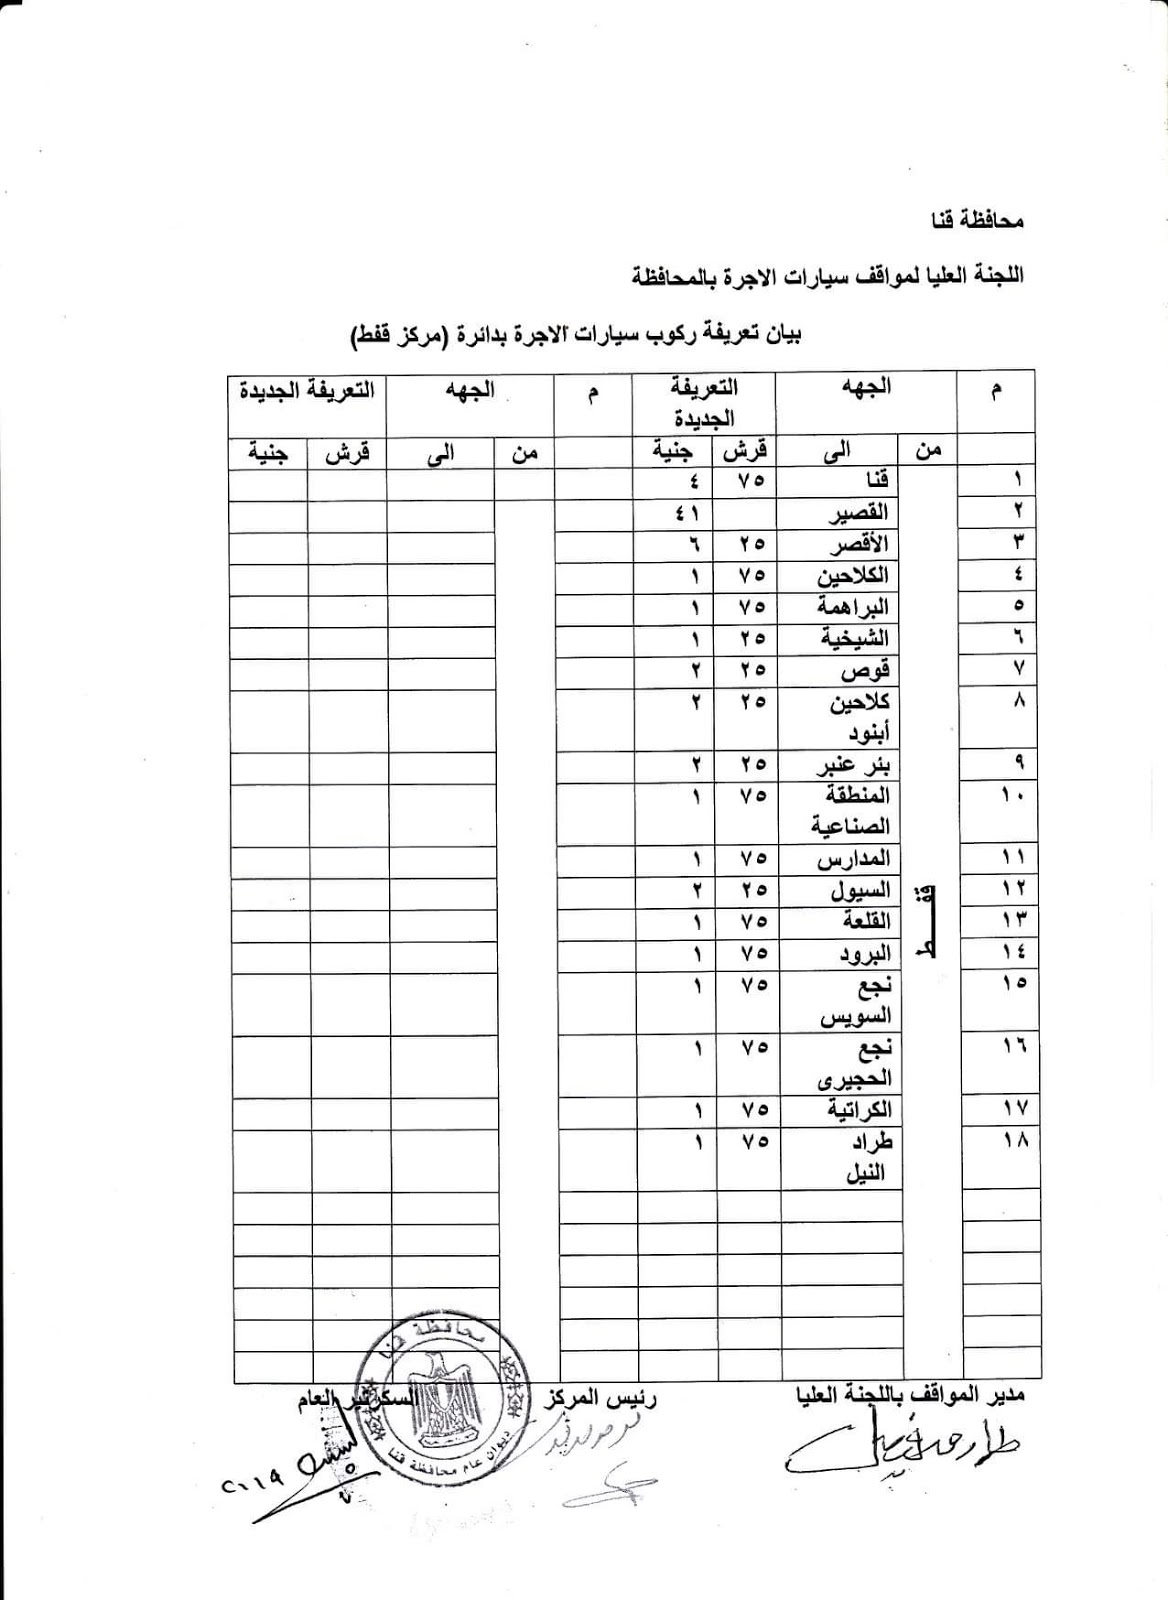 ننشر التعريفه الجديده للمواصلات داخل وبين المدن المصرية بعد زياده اسعار الوقود بجميع المحافظات FB_IMG_1562341648532